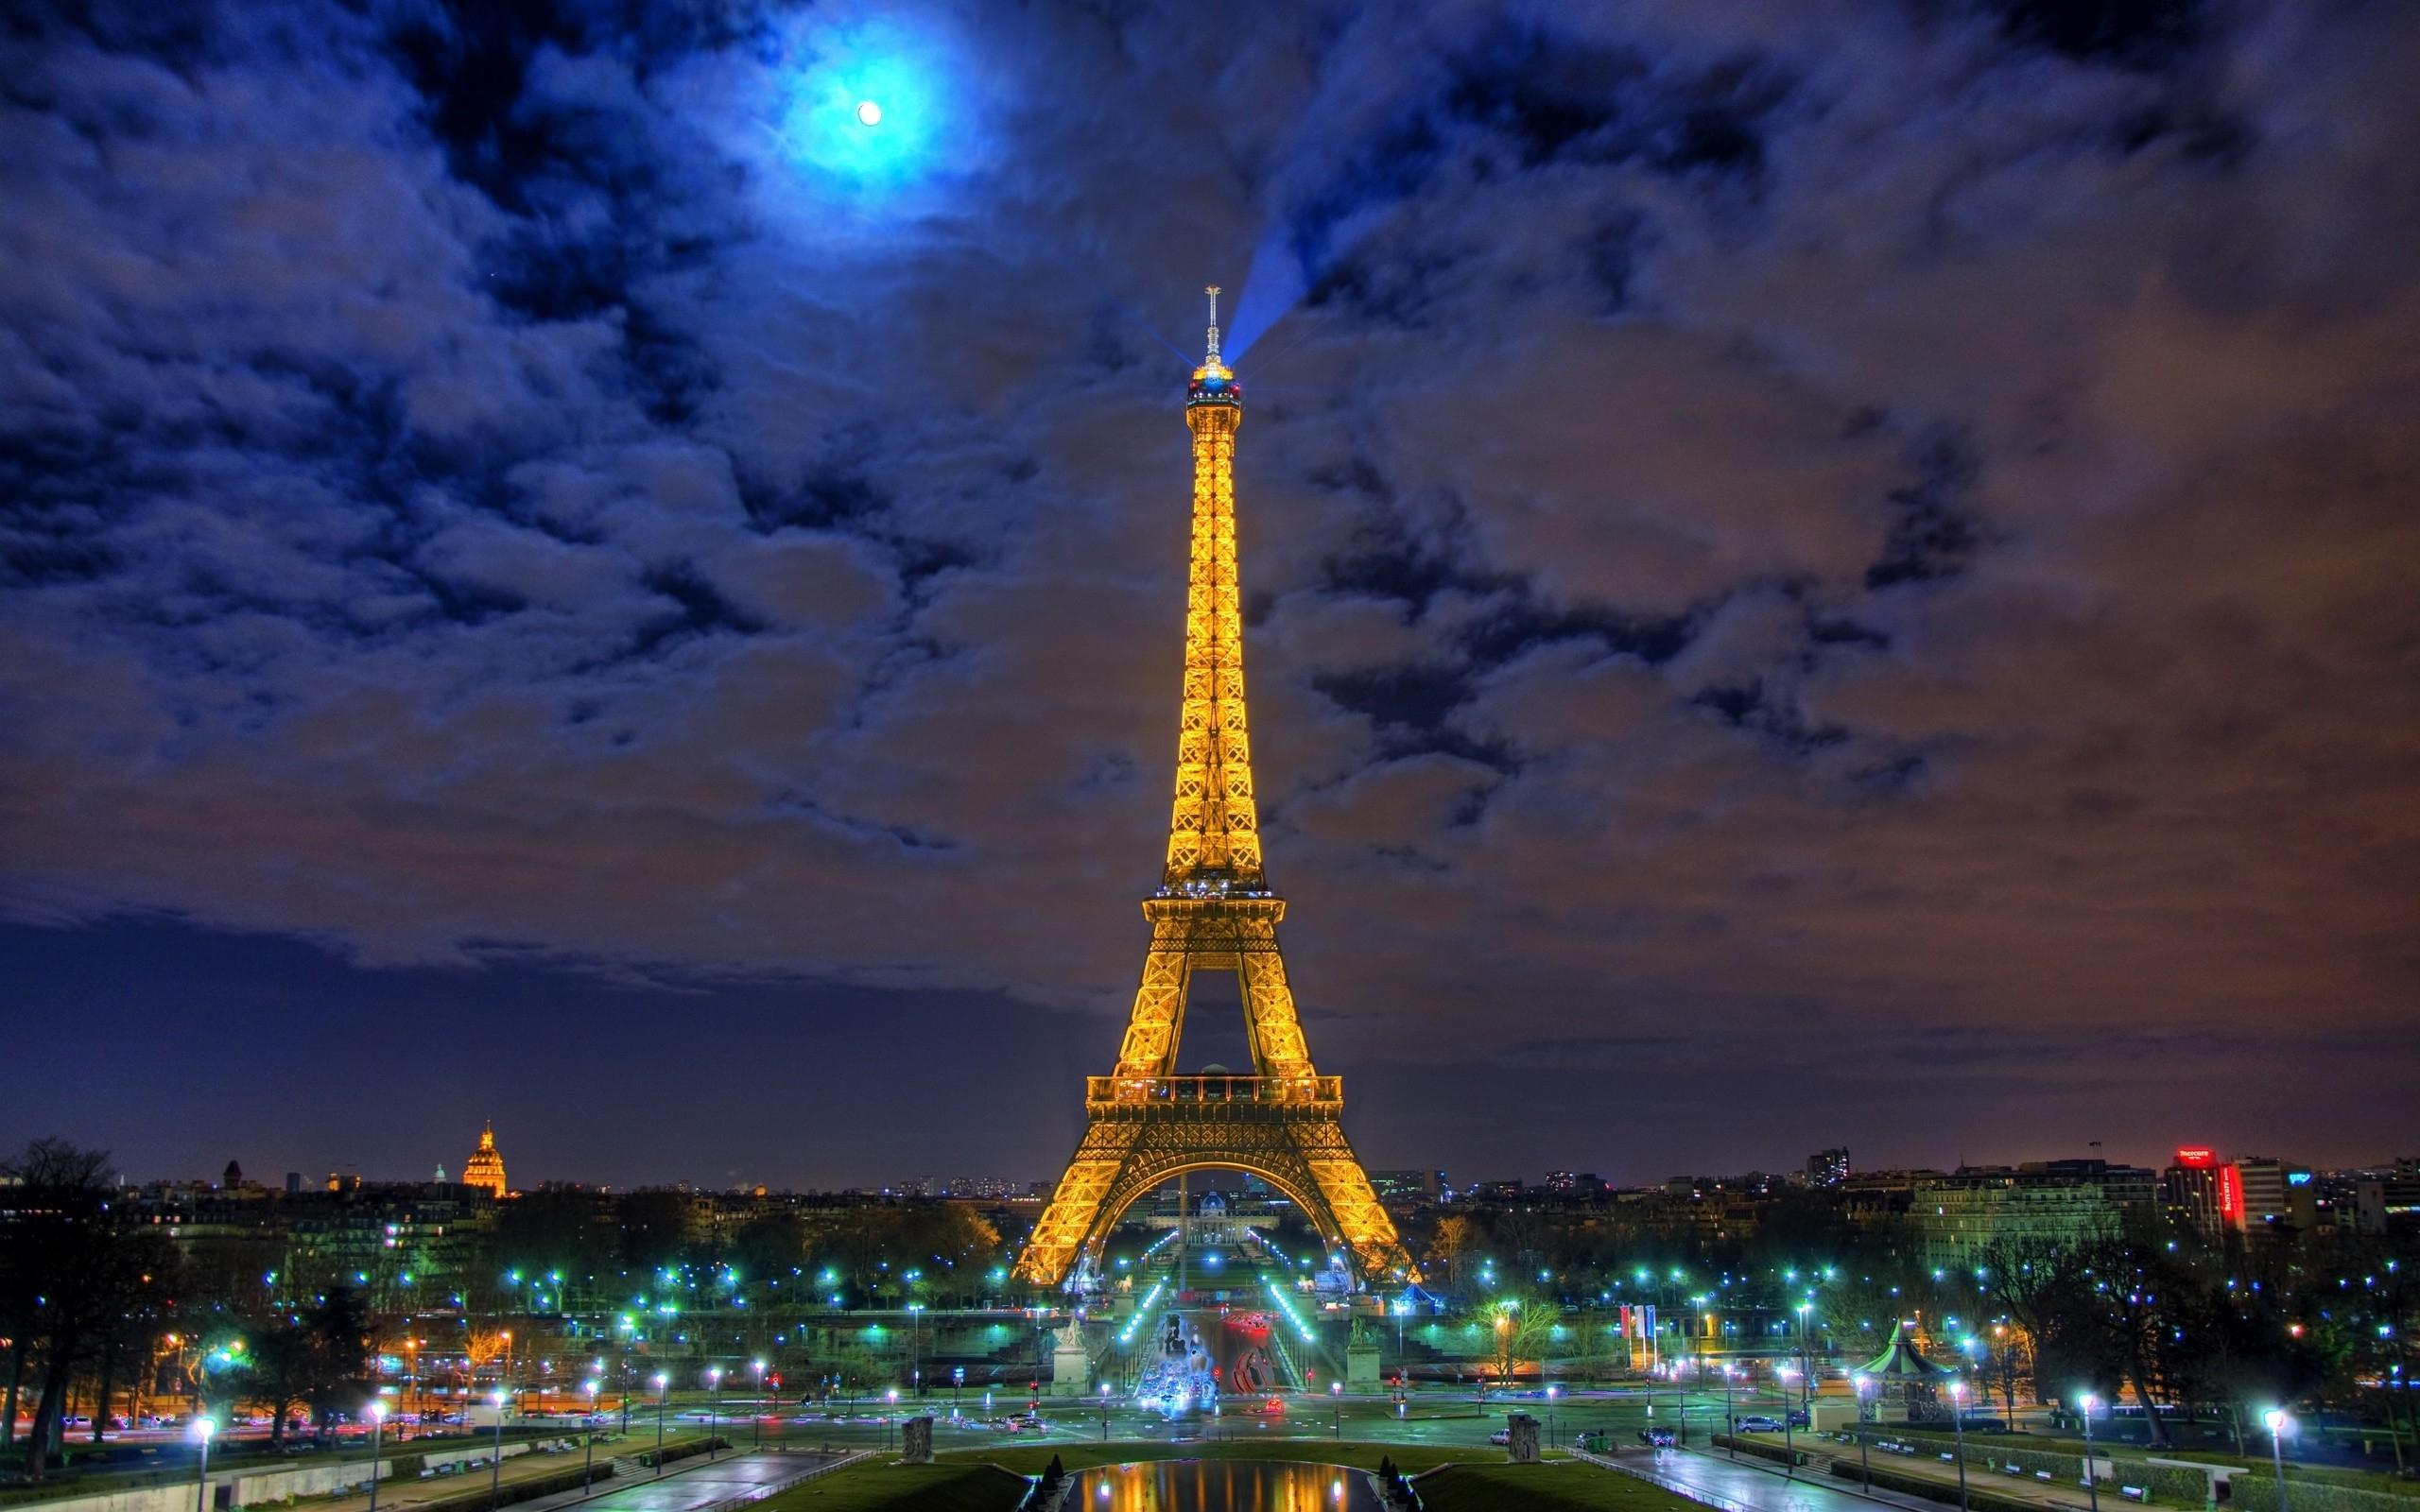 Fond D Ecran Ville Paysage Urbain Nuit Reflexion Ciel Horizon Gratte Ciel Soir La Tour Hdr France Paris Tour Eiffel Crepuscule Lumiere Point De Repere 2560x1600 4kwallpaper 605036 Fond D Ecran Wallhere